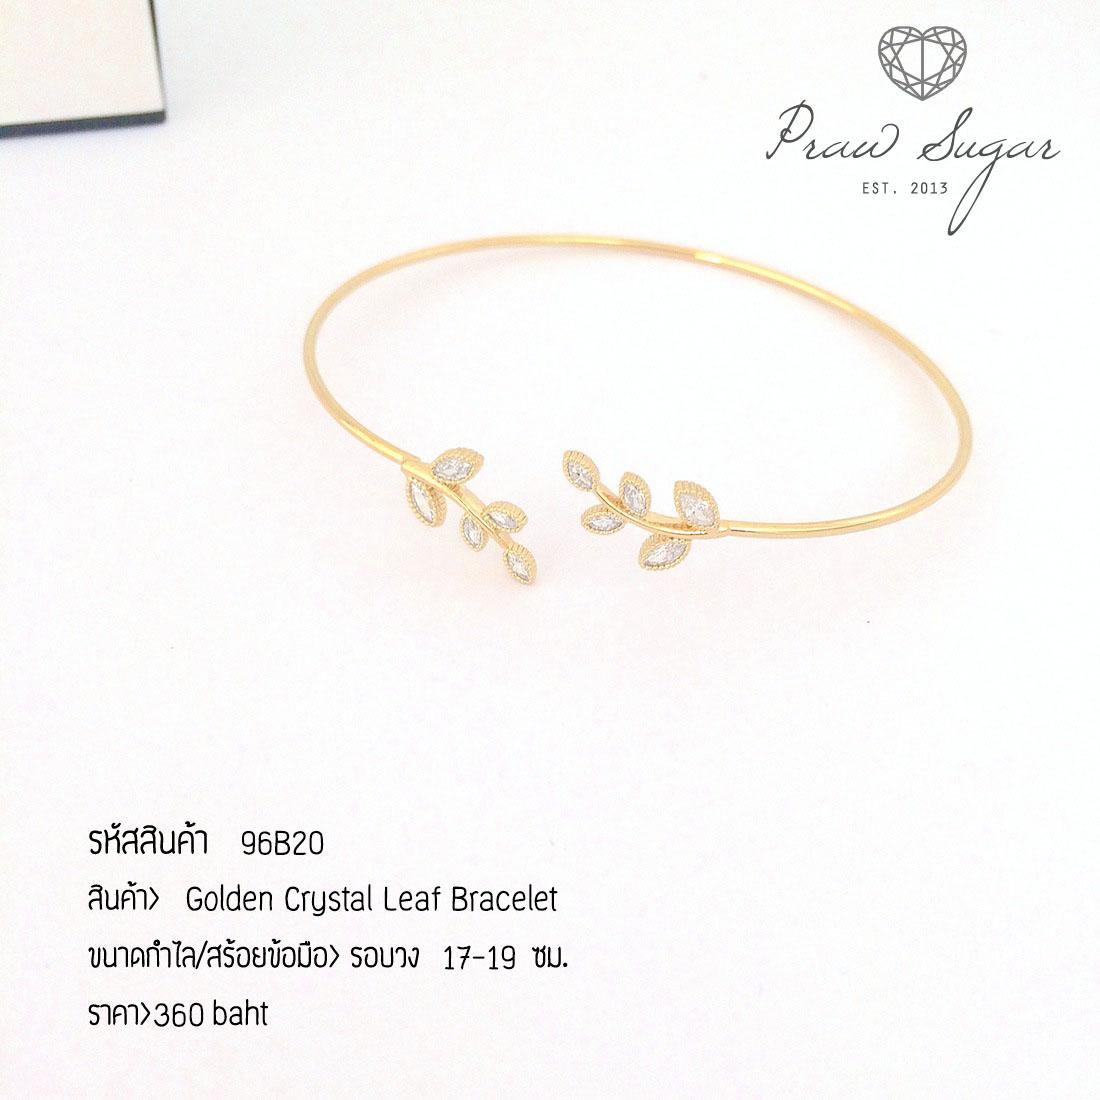 Golden Crystal Leaf Bracelet